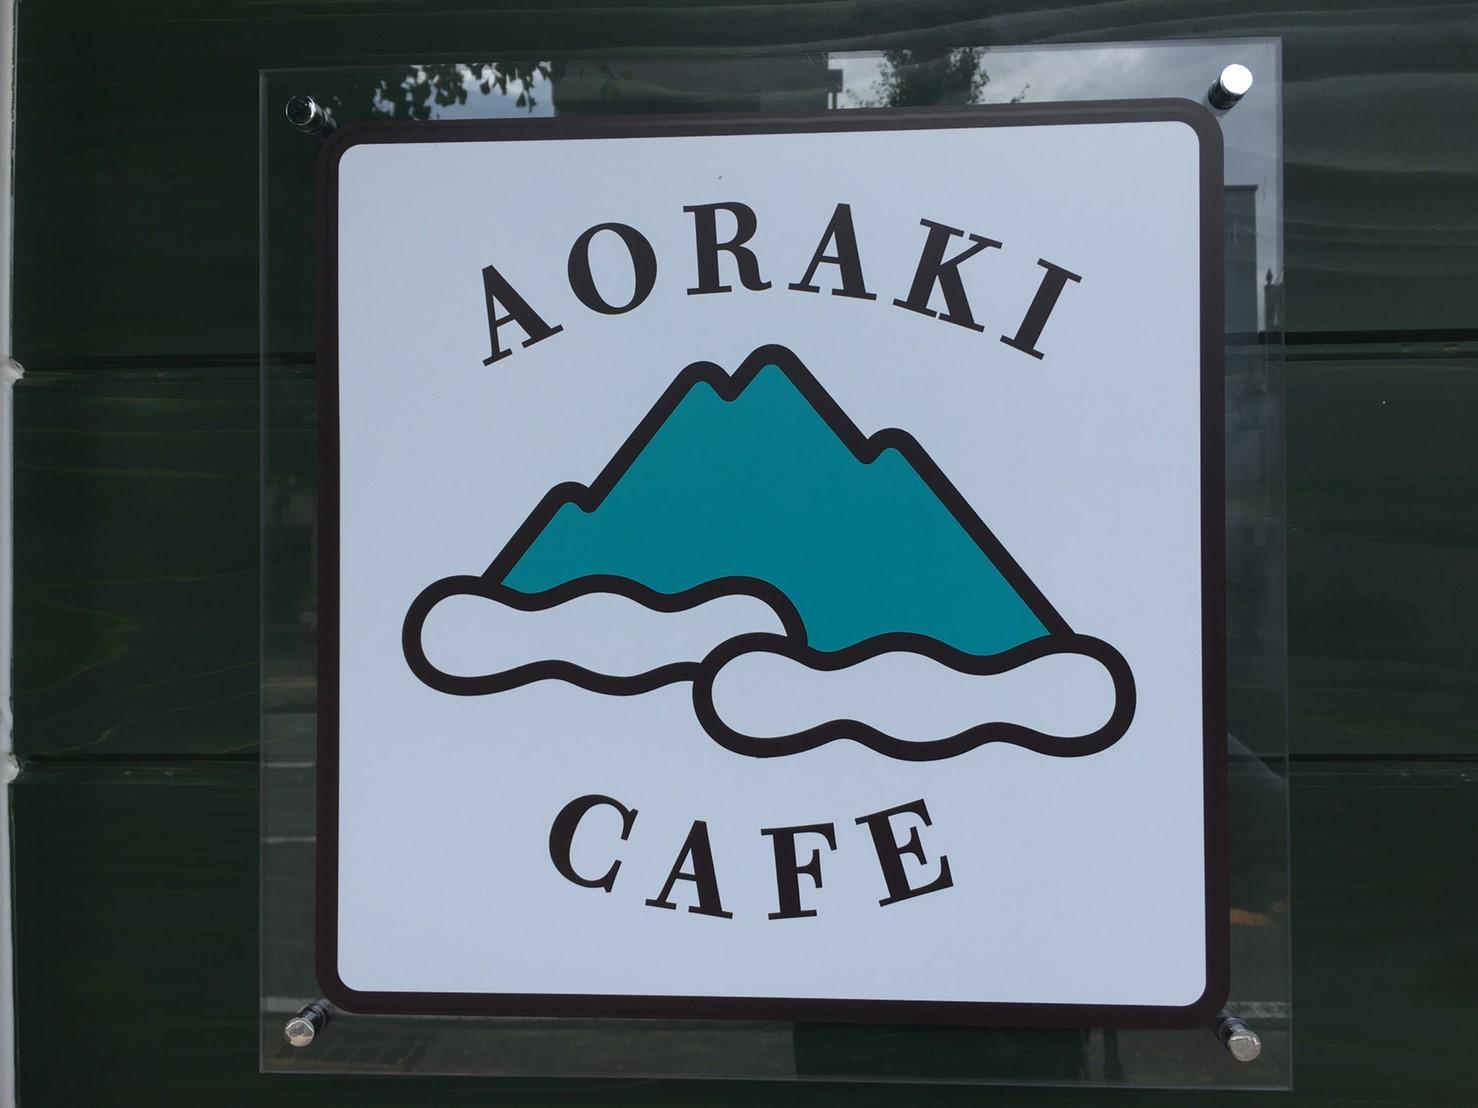 AORAKI CAFE